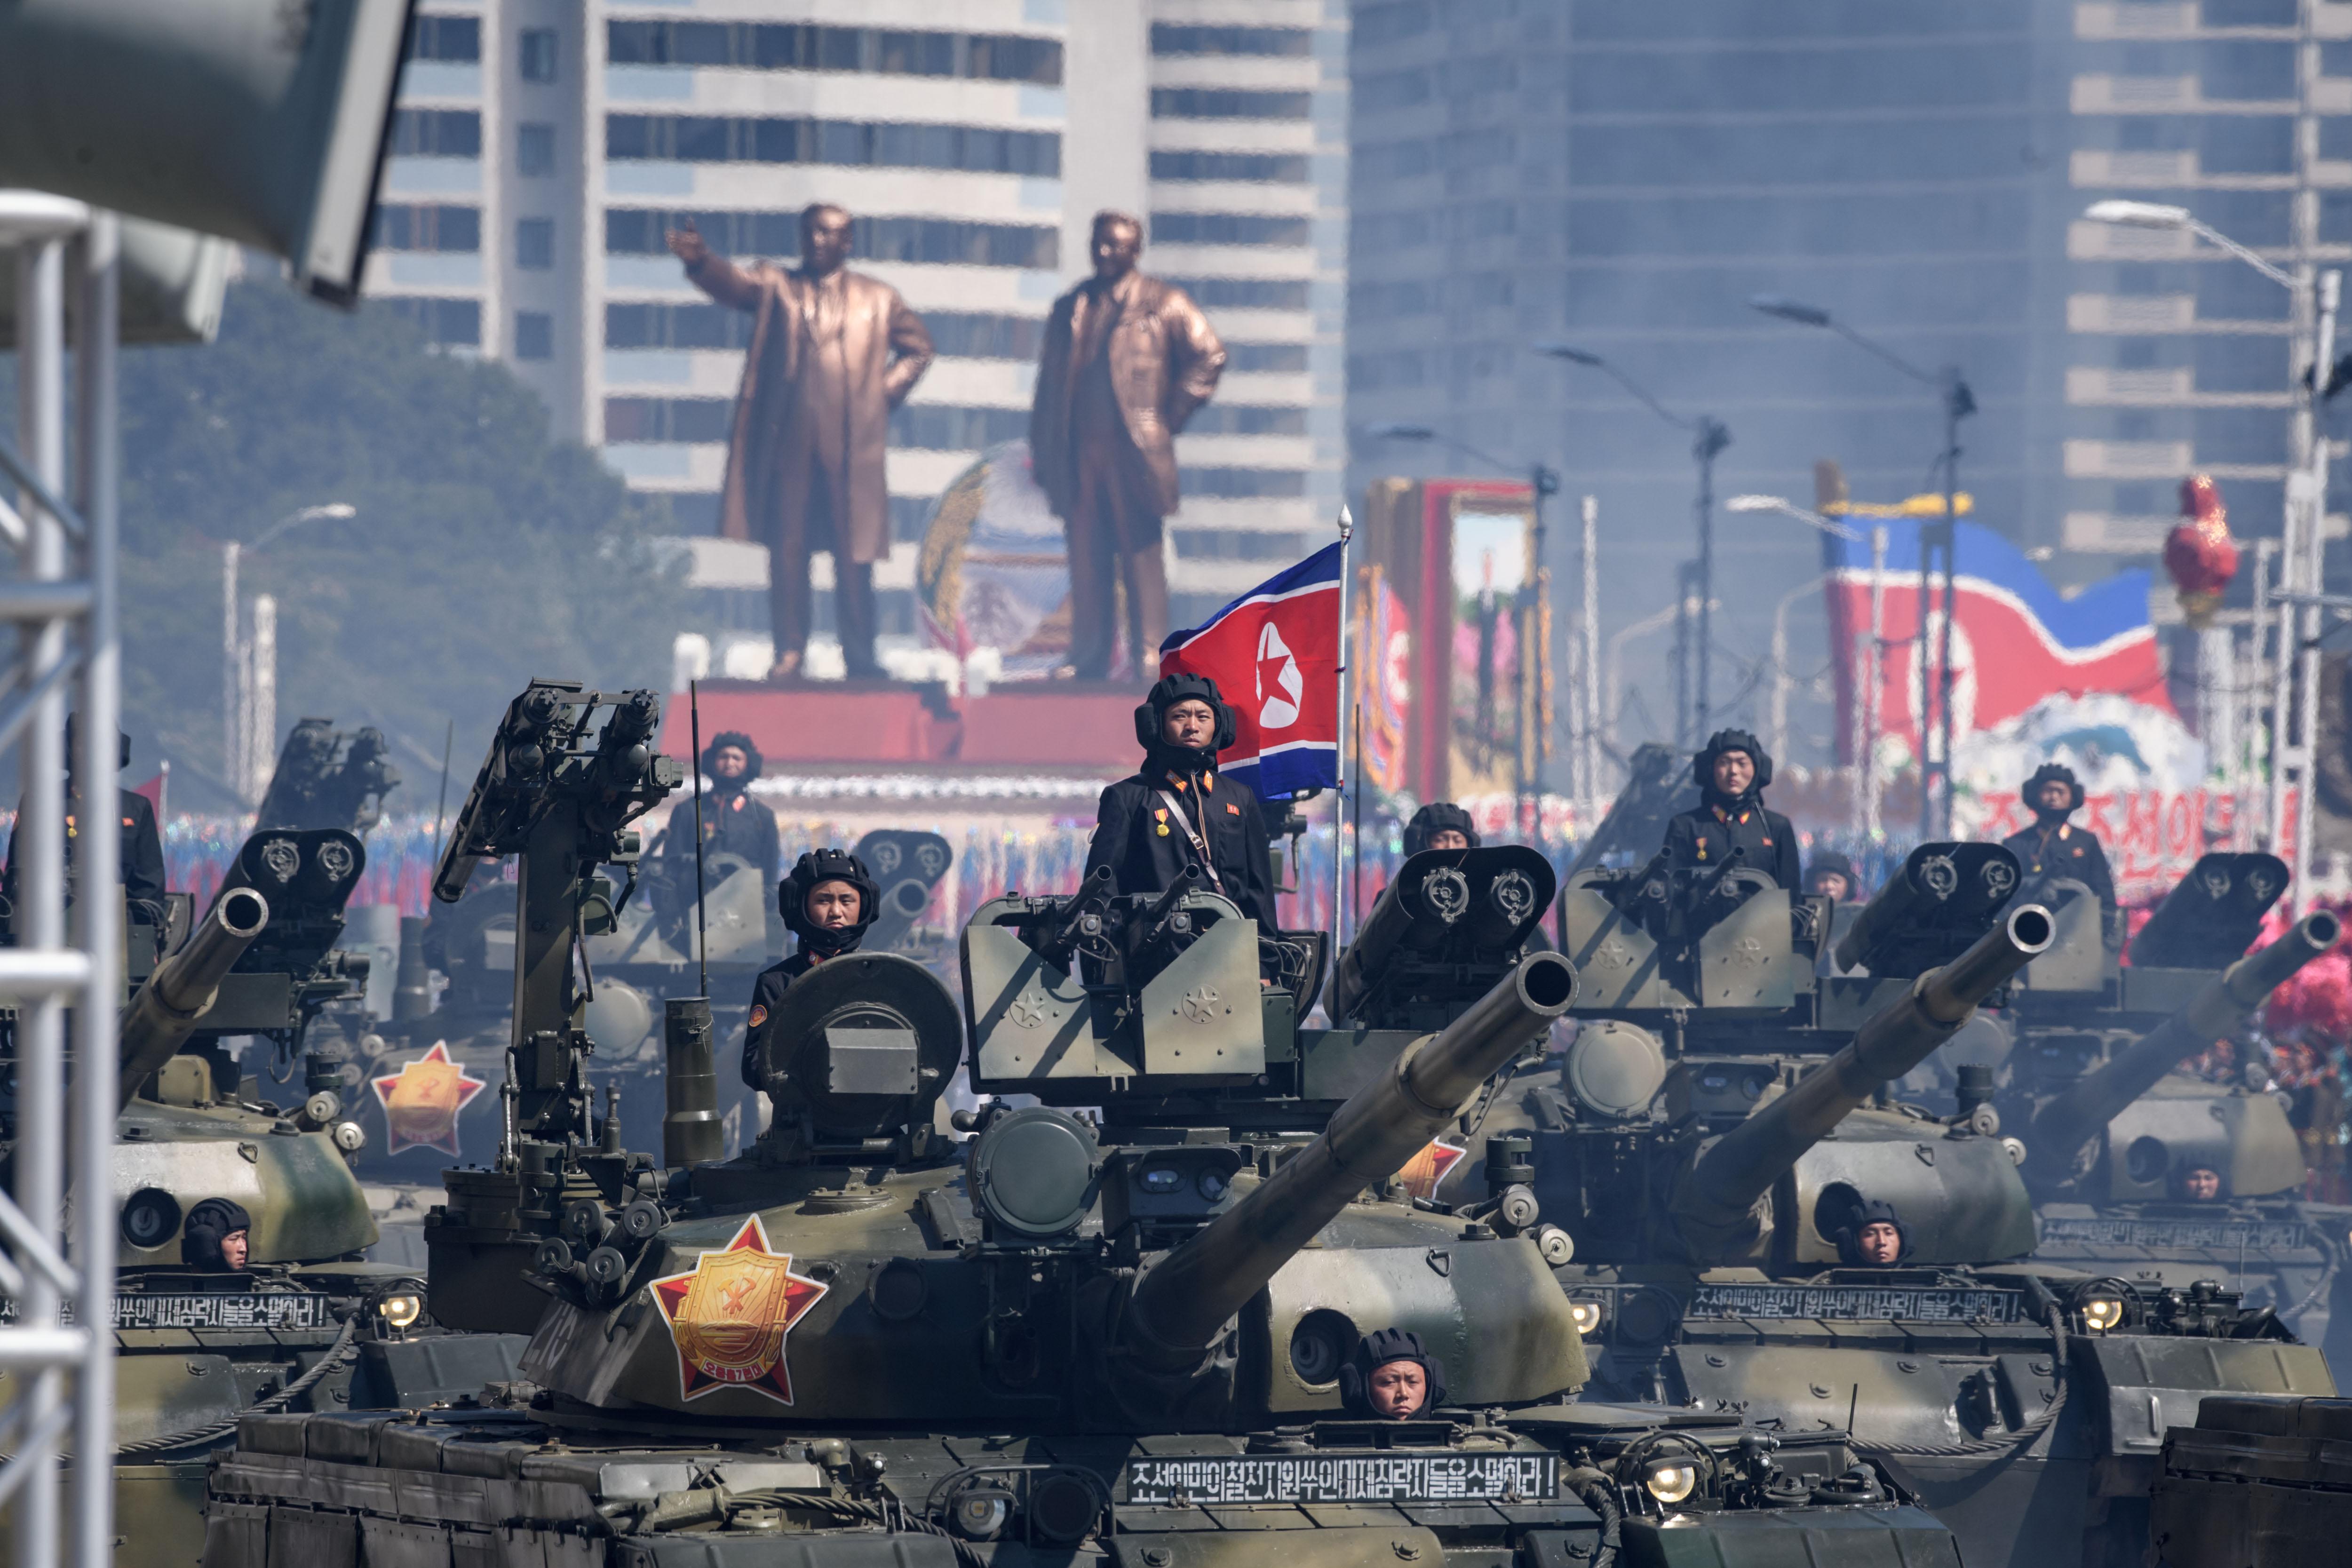 كوريا الشمالية تحتفل بعيدها دون صواريخها